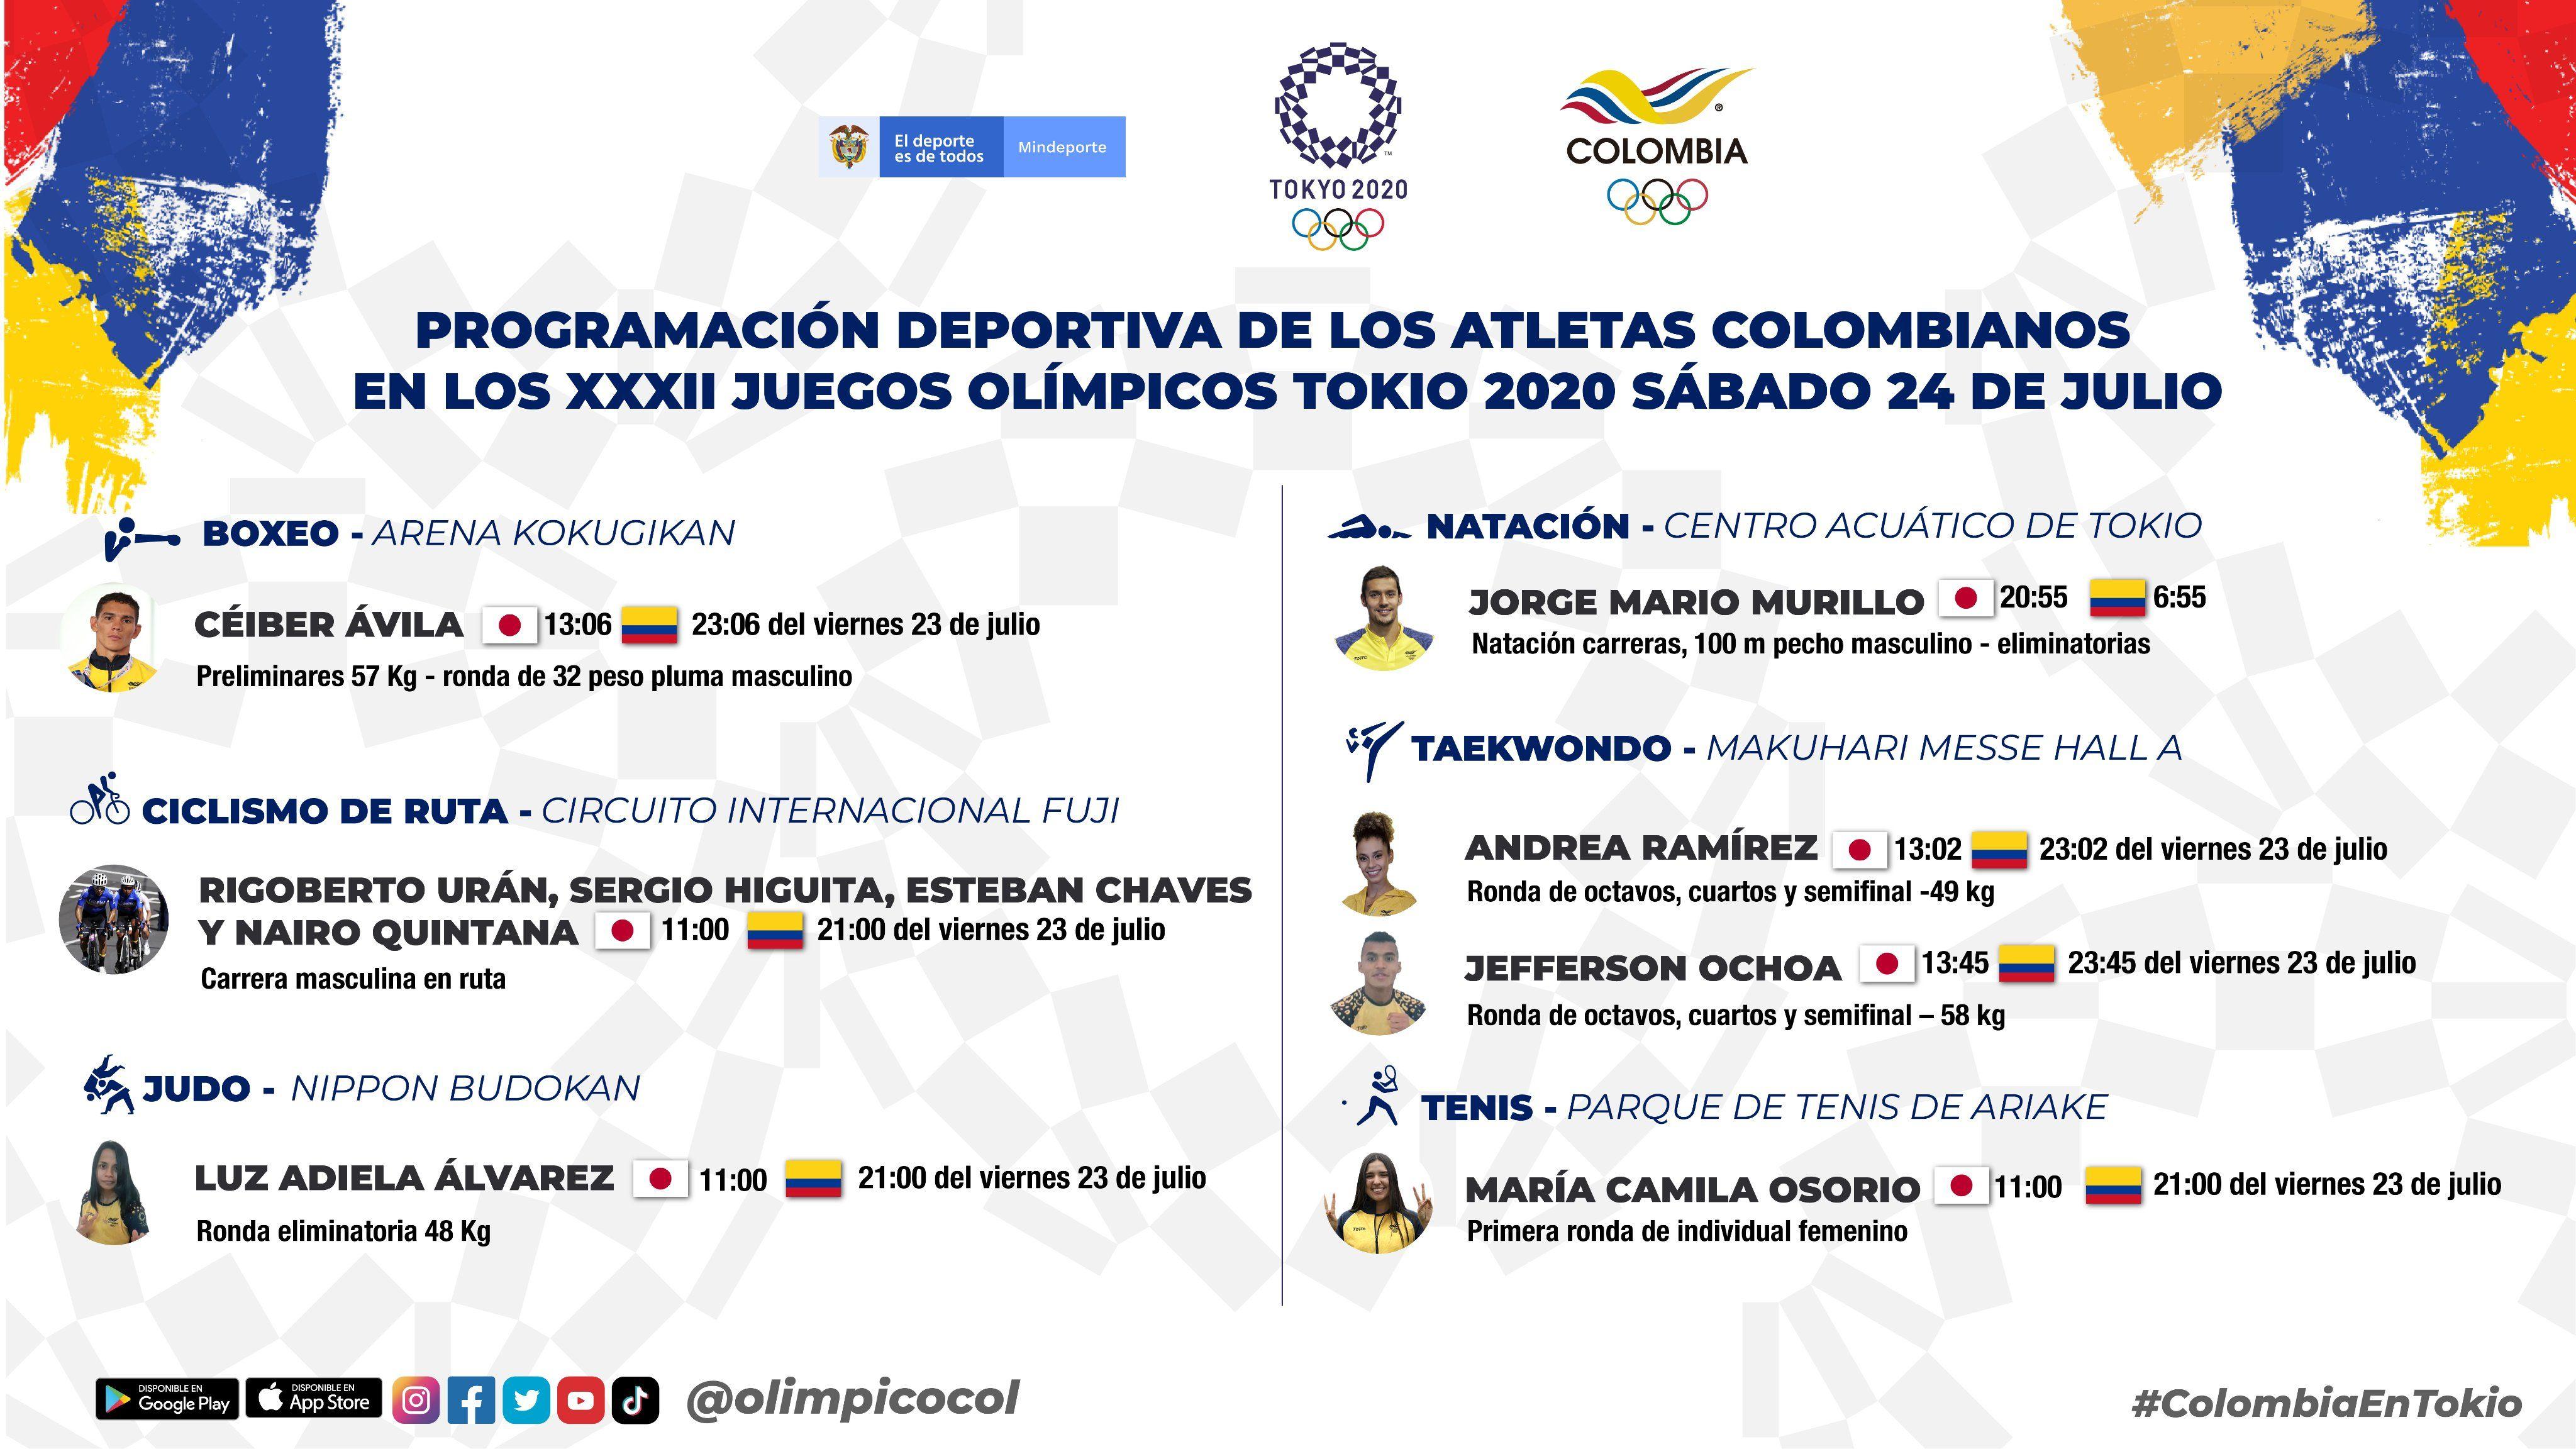 Programación deportiva de Colombia en JJOO para este viernes y sábado